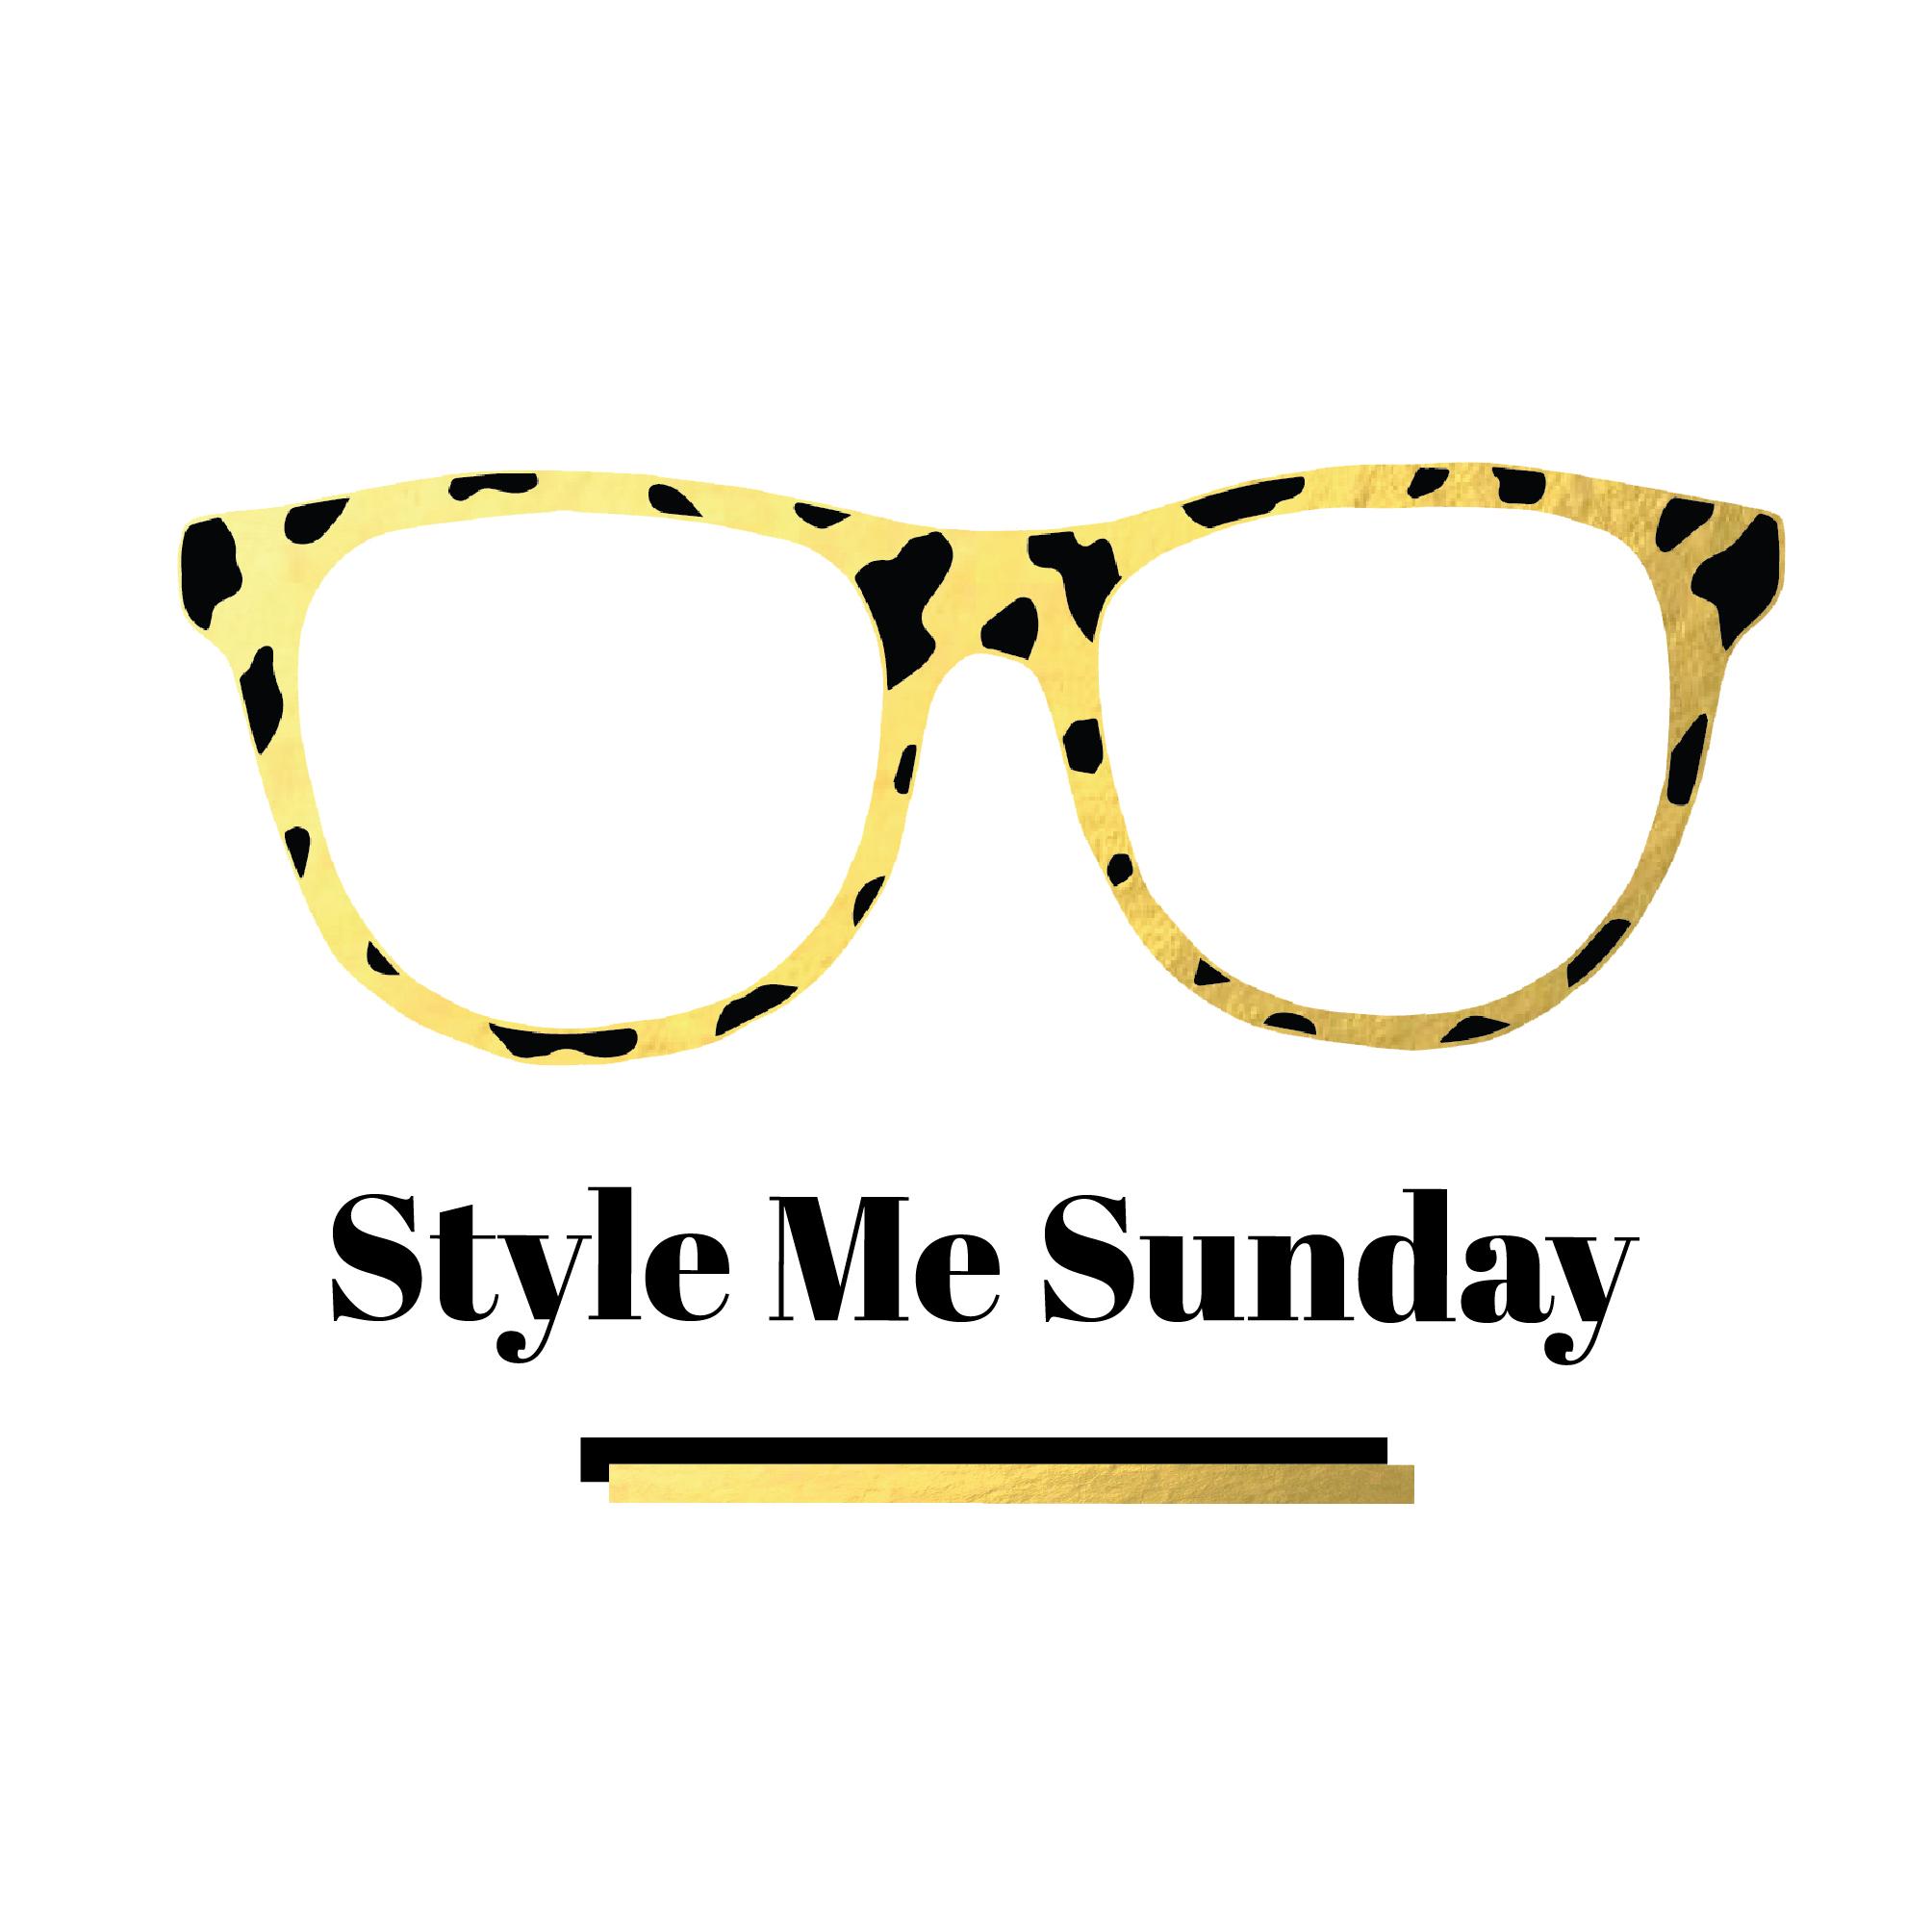 StylemeSundayweb.jpg